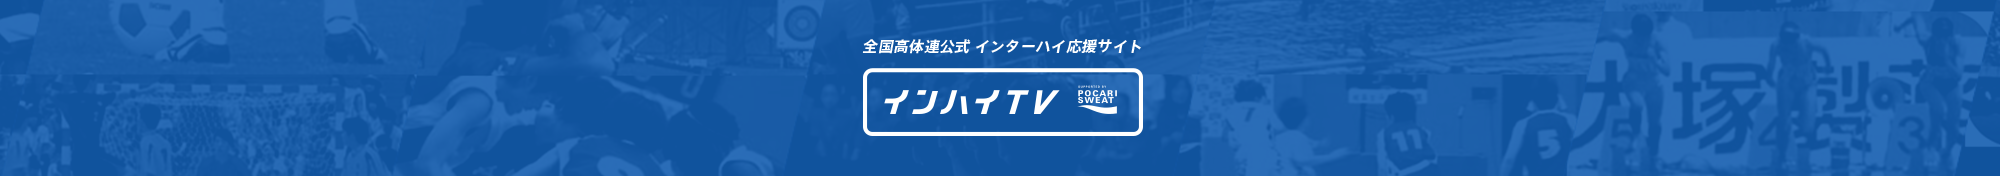 4日、相撲の個人決勝は、斎藤大輔(埼玉・埼玉栄3年)が制した。陸上の女子走り幅跳びは高良彩花(兵庫・園田学園3年)が6メートル14で優勝し、この種目で史上3人目の3連覇を達成した。…